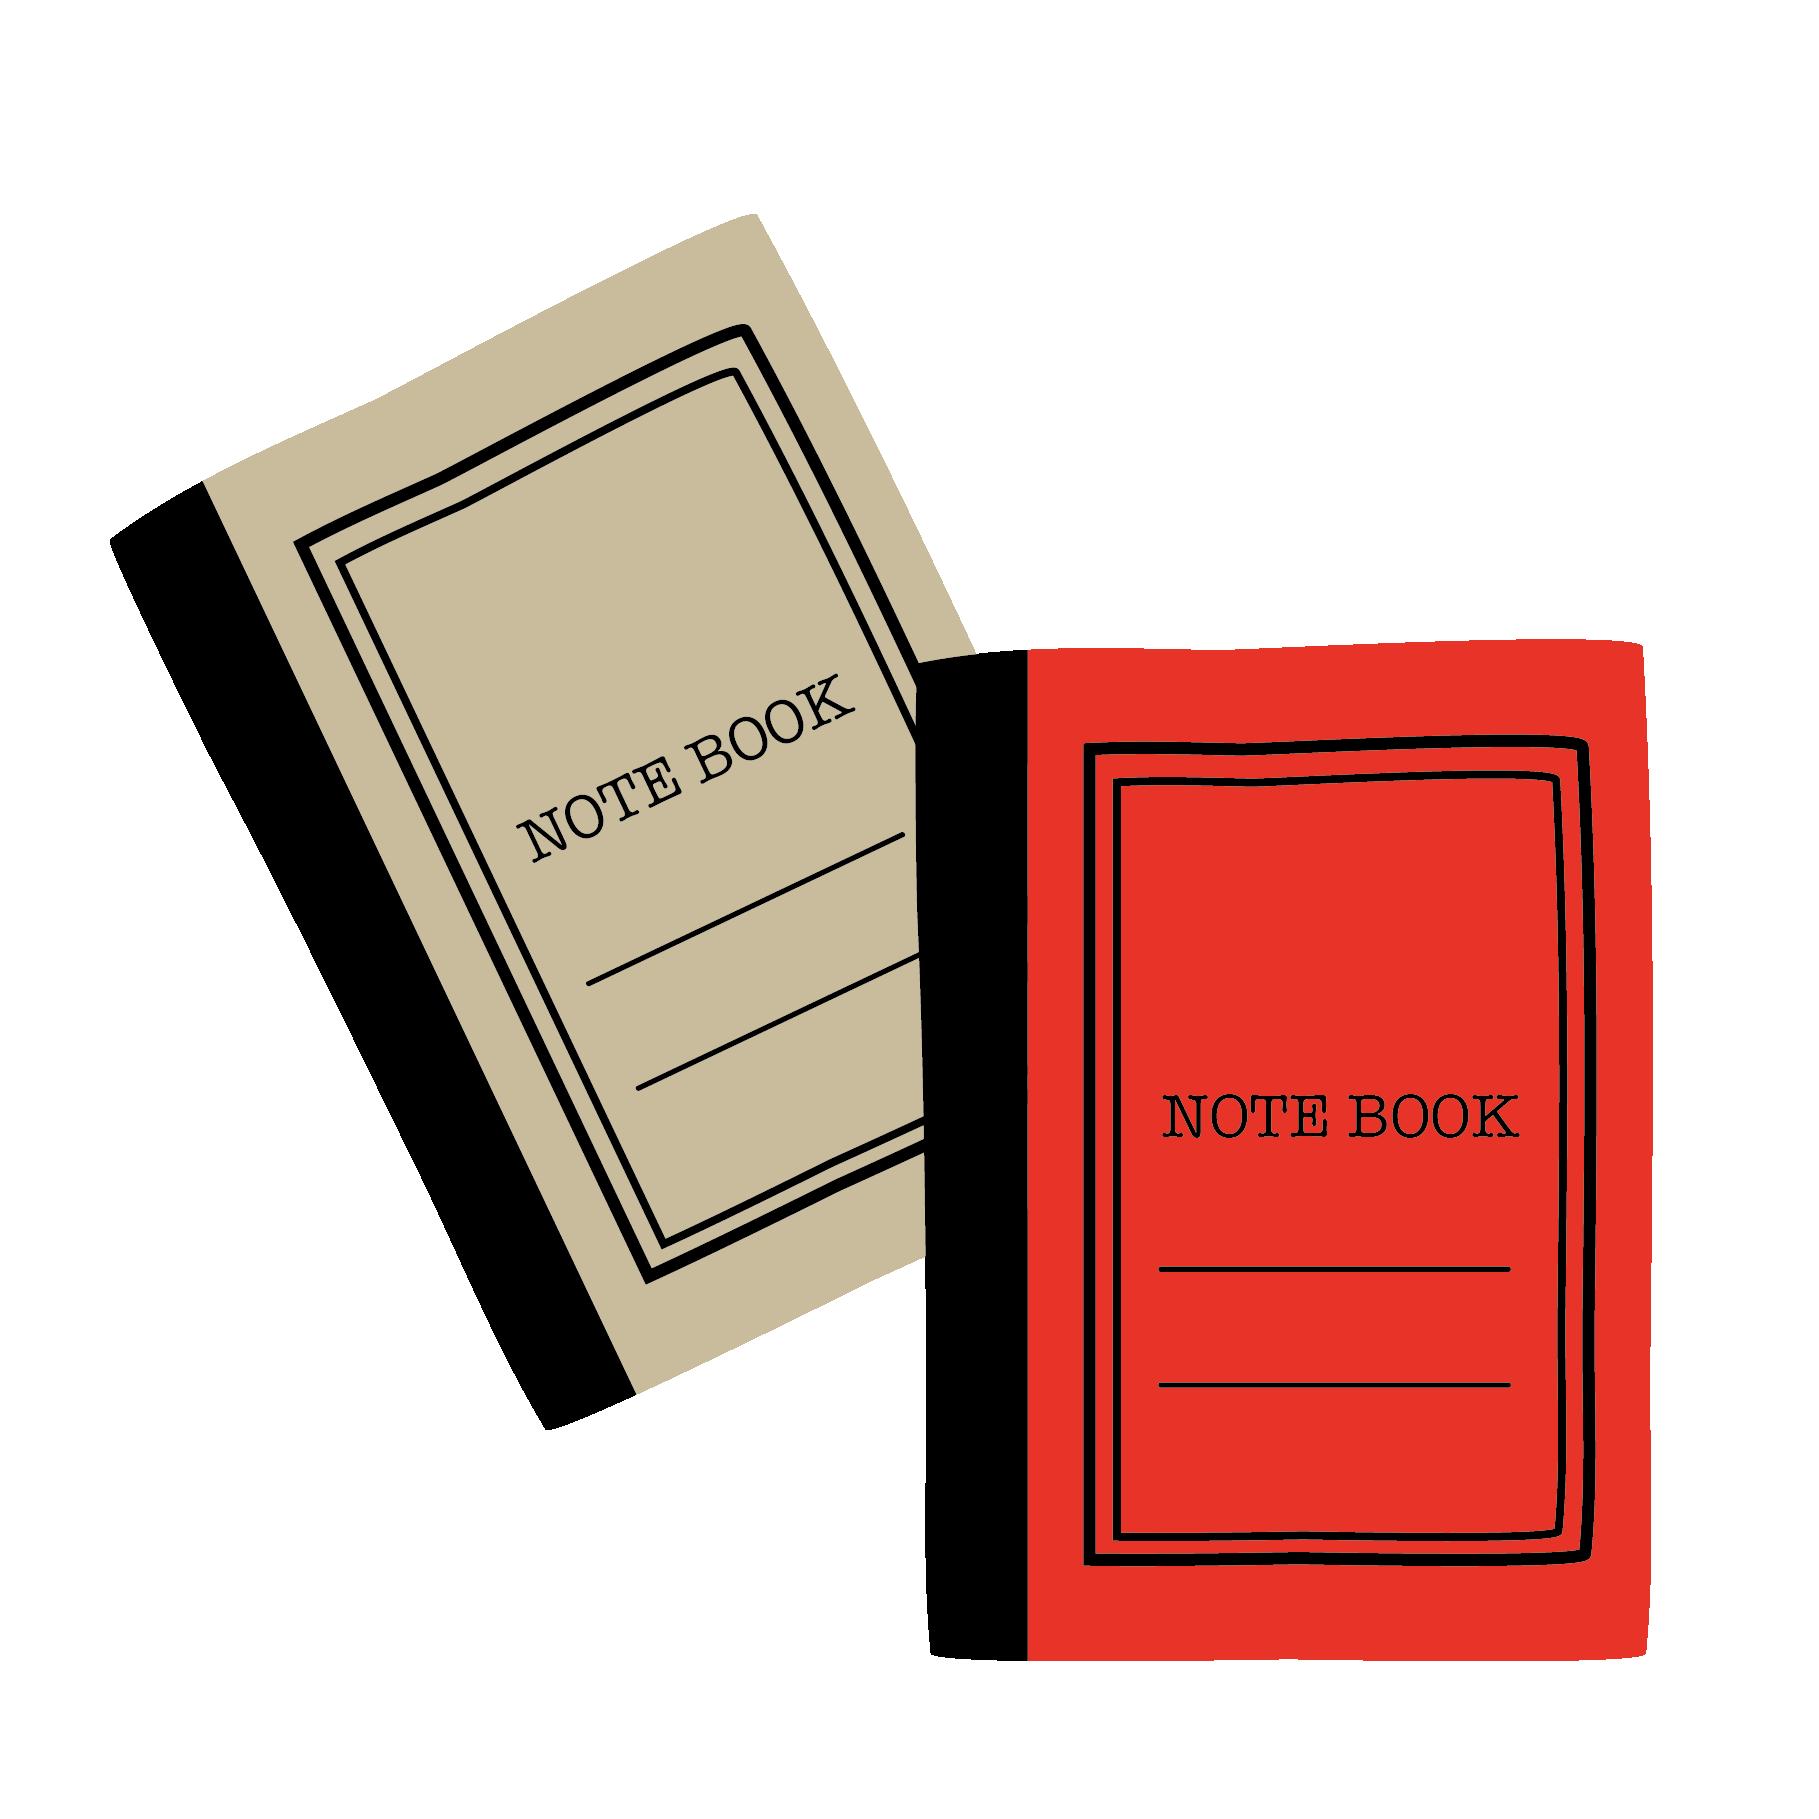 おしゃれ な ノートのーと Noteの おすすめ 無料 イラスト 商用